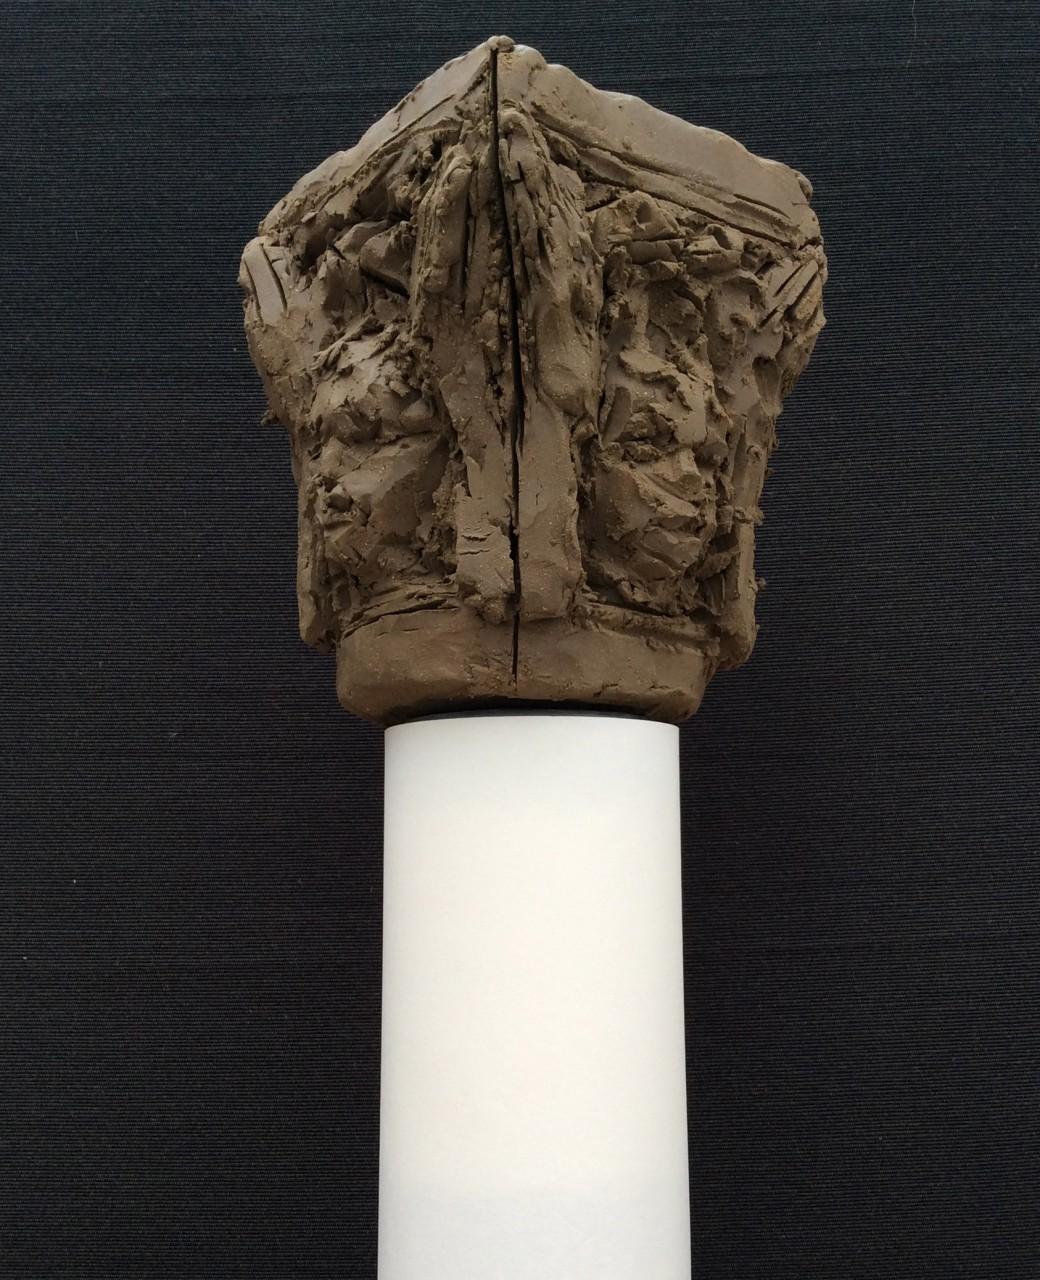 chapiteau-maquette-notredamedesgraces-toulouse-laurent-esquerre